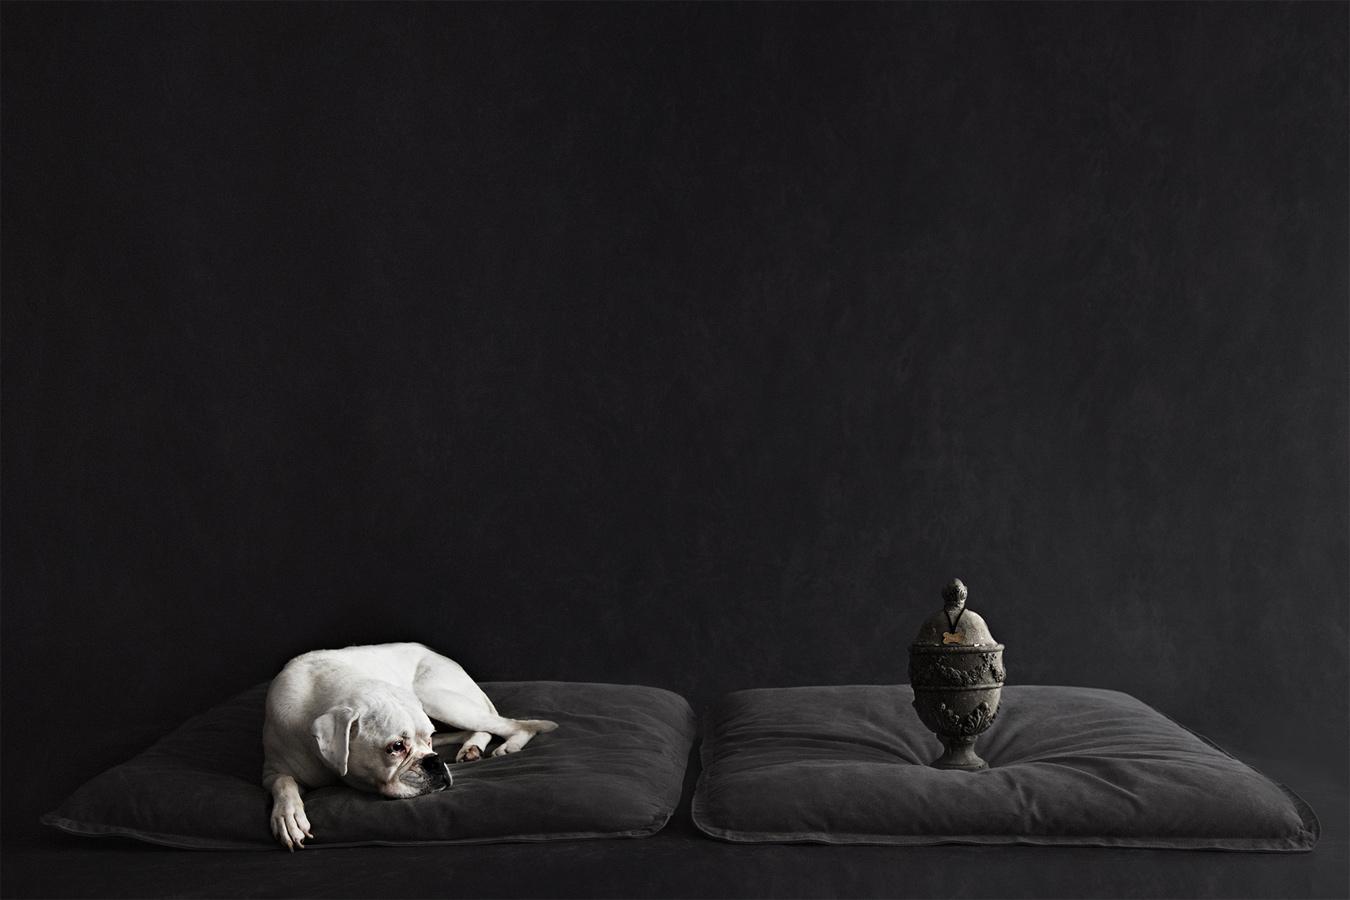 Келли Браун / Kelly Brown, Первое место в категории «Портрет — Животные / Домашние животные», Фотоконкурс WPPI Annual Print Competition